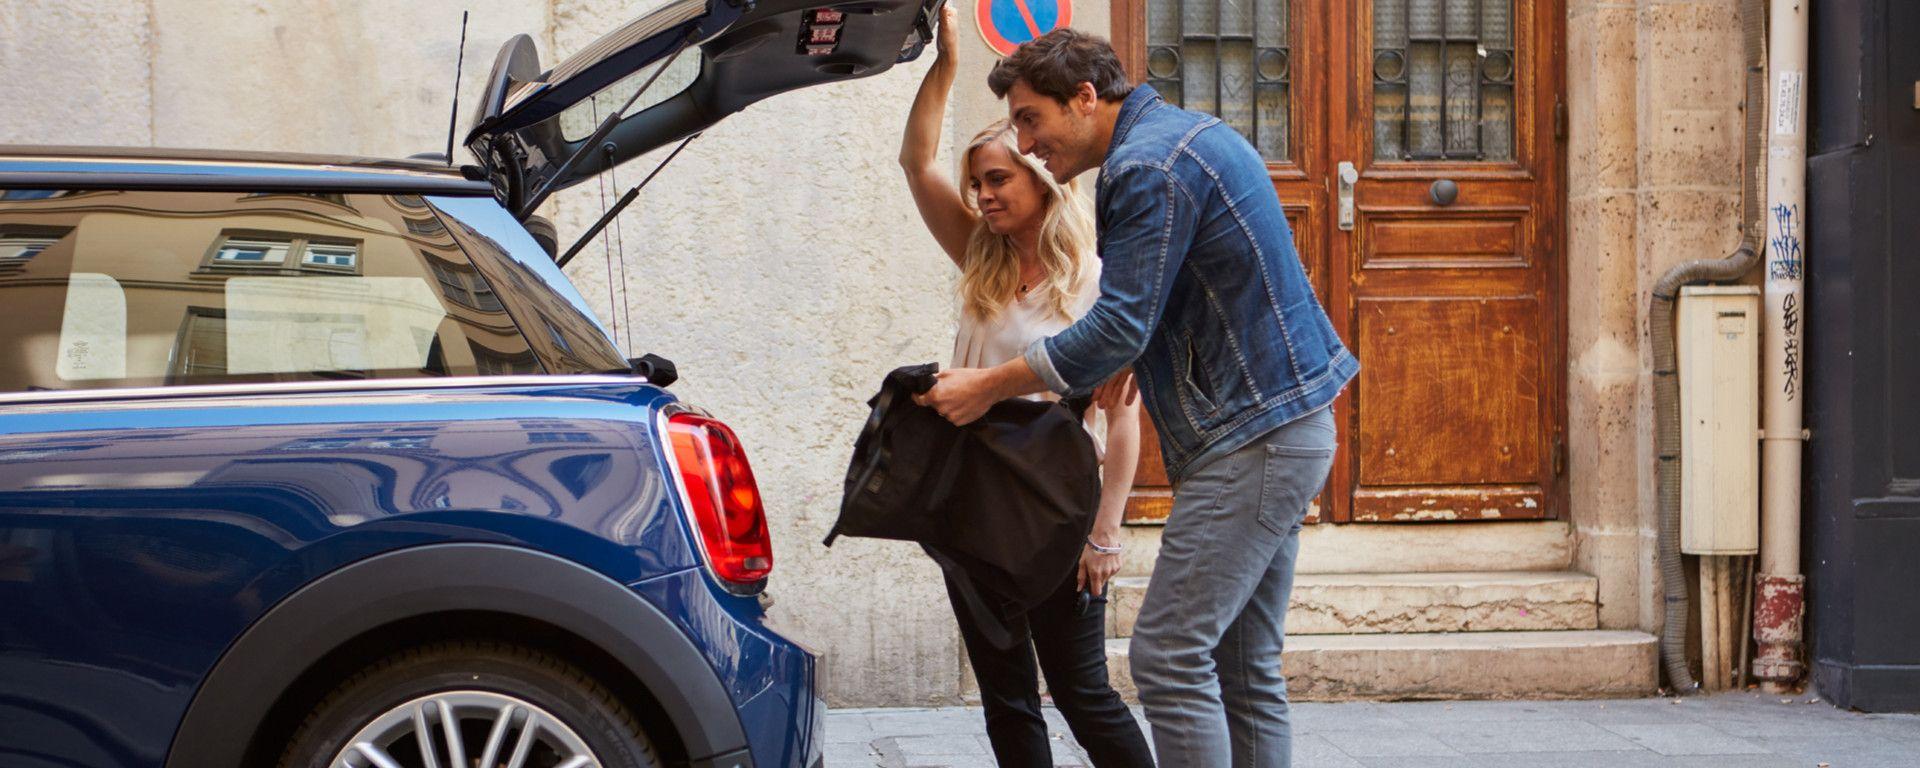 BlaBlaCar e la ripartenza del car sharing